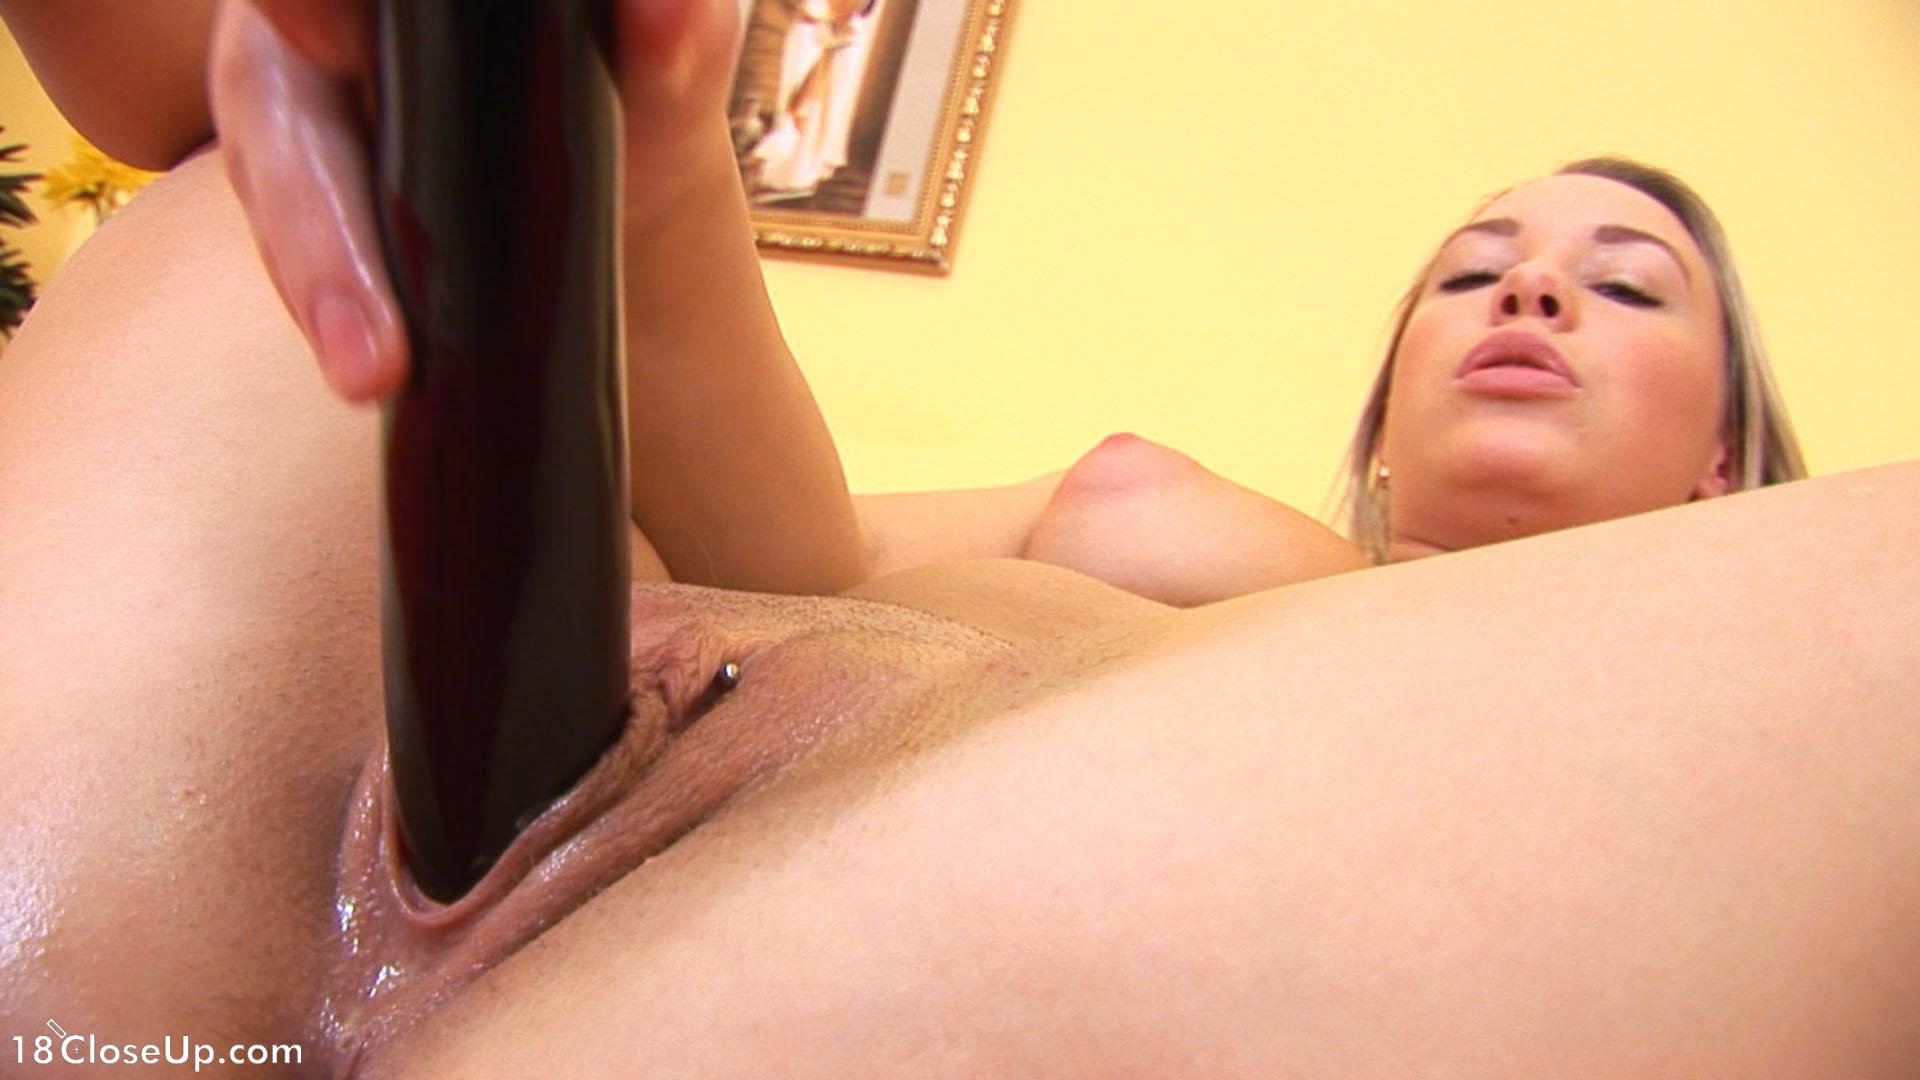 Смотреть порно мастурбация крупным планом онлайн